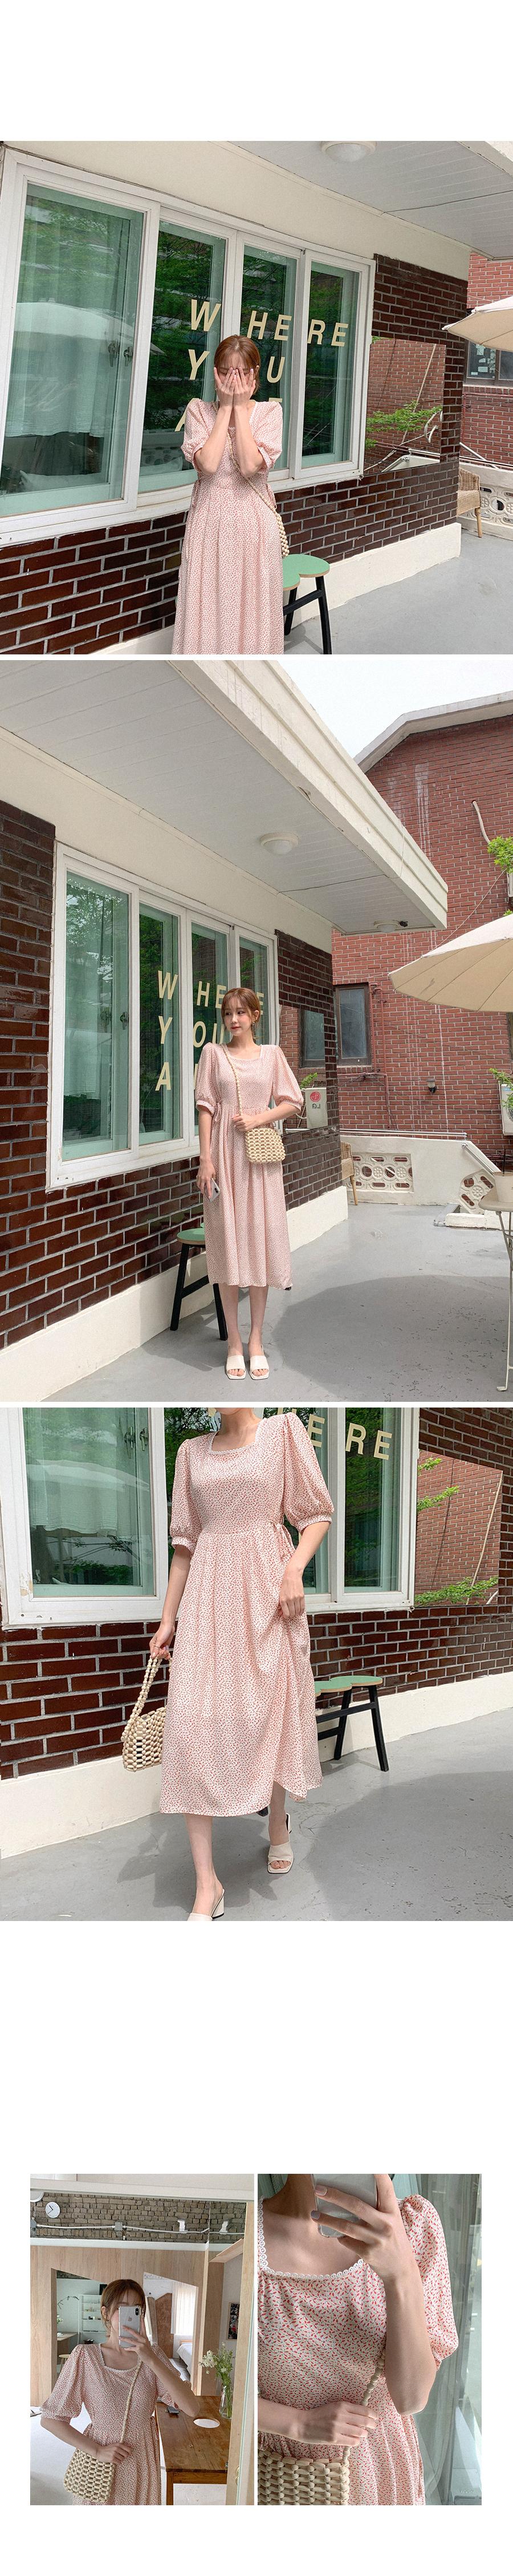 Yeri Yeo-ri Goddess Square Dress